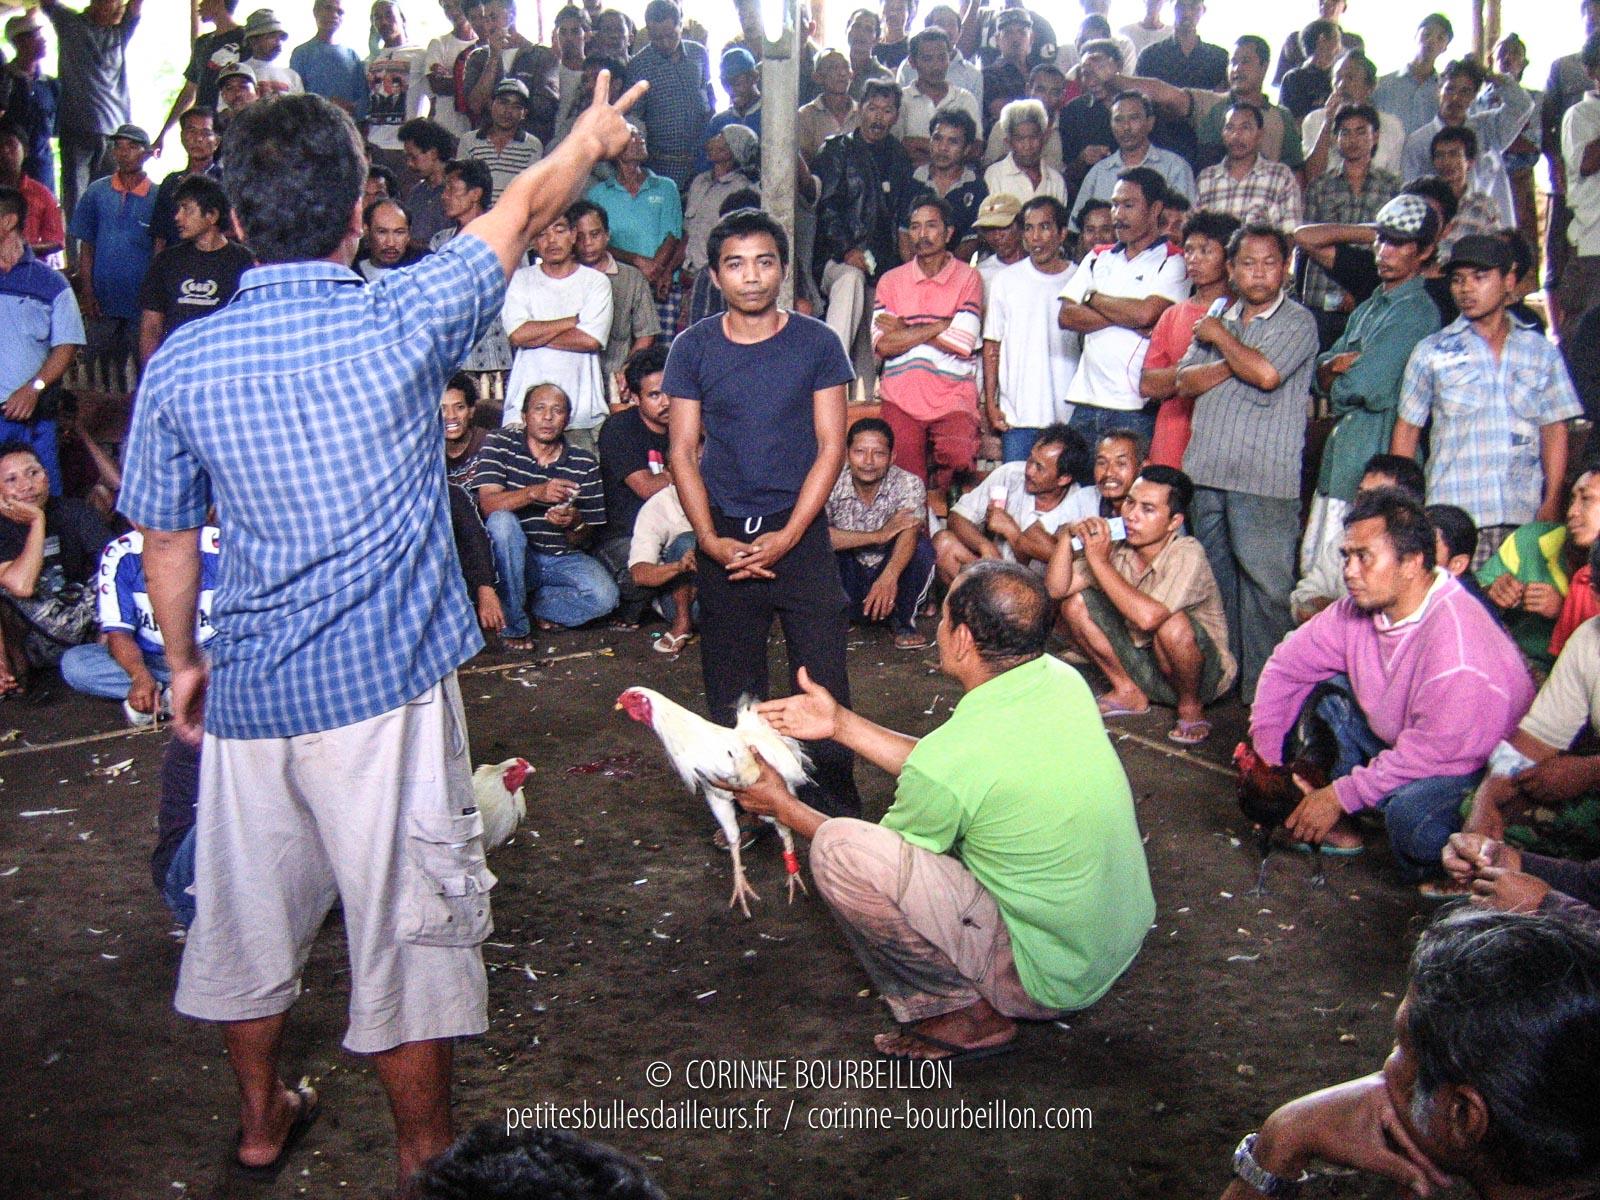 C'est le moment de faire des paris dans l'arène de combats de coqs, près d'Ujung. Région d'Amed et Amlapura. Bali, Indonésie, juillet 2008.